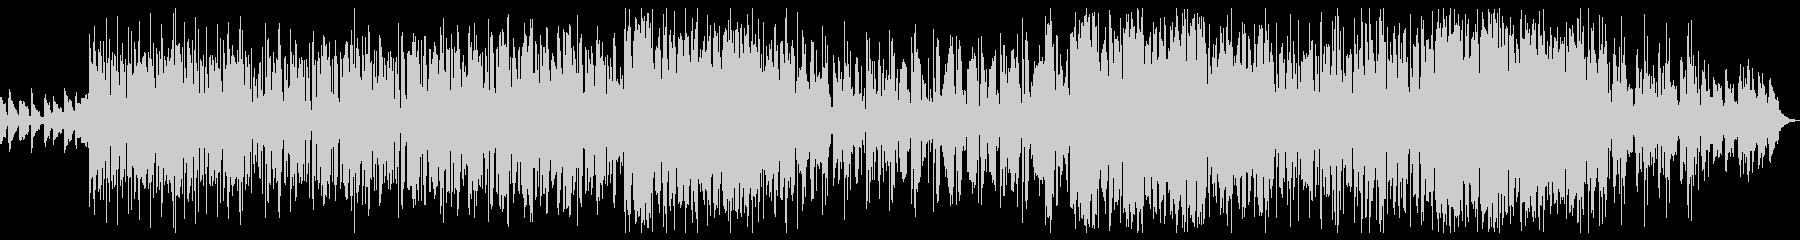 トロピカルハウスEDM♪夏夜♪バイオリンの未再生の波形